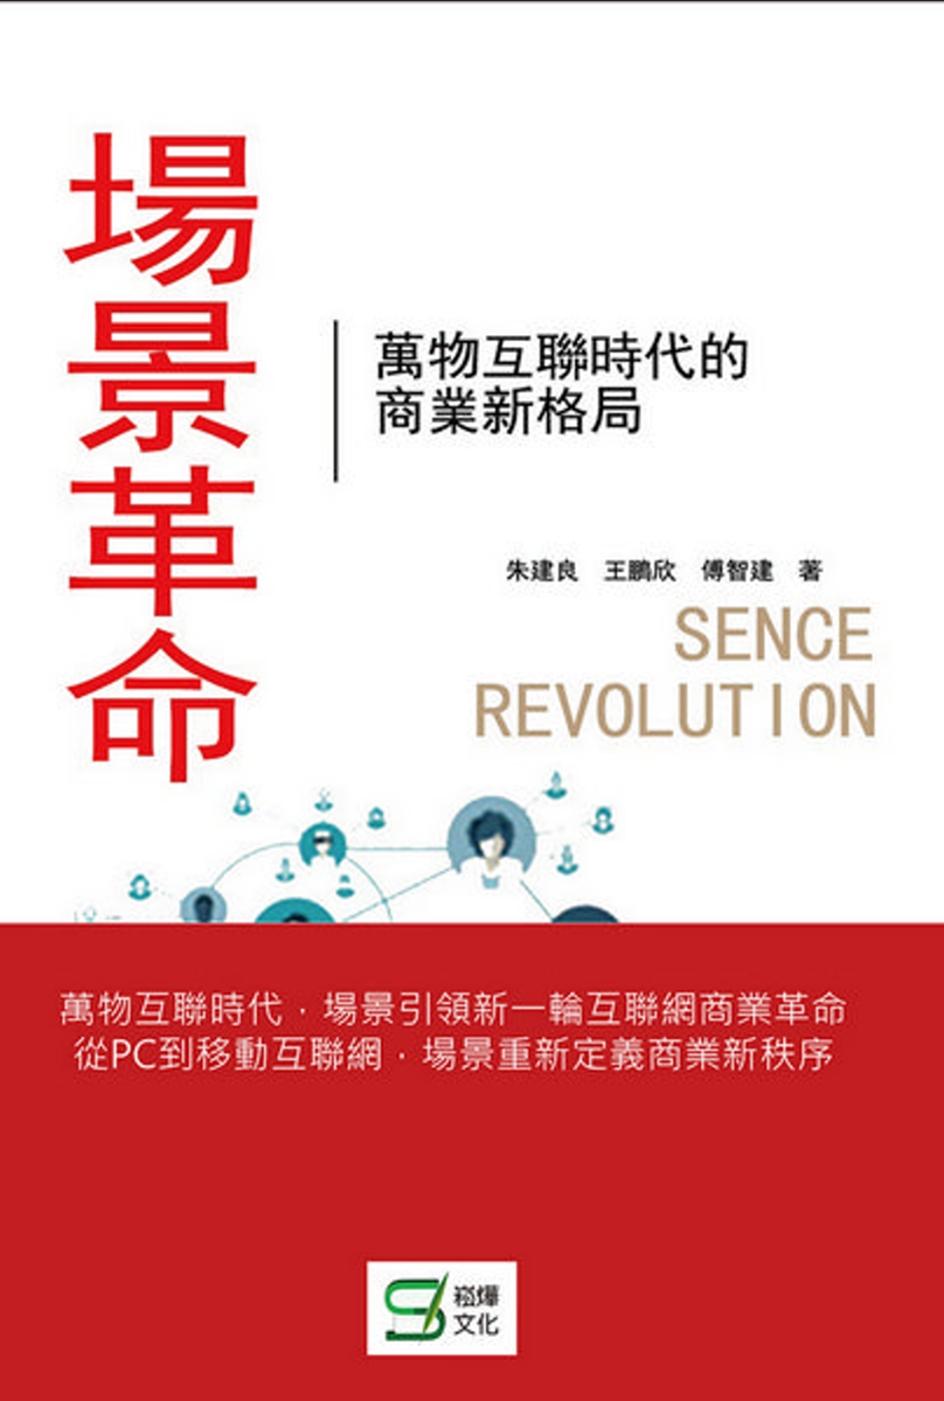 場景革命:萬物互聯時代的商業新格局